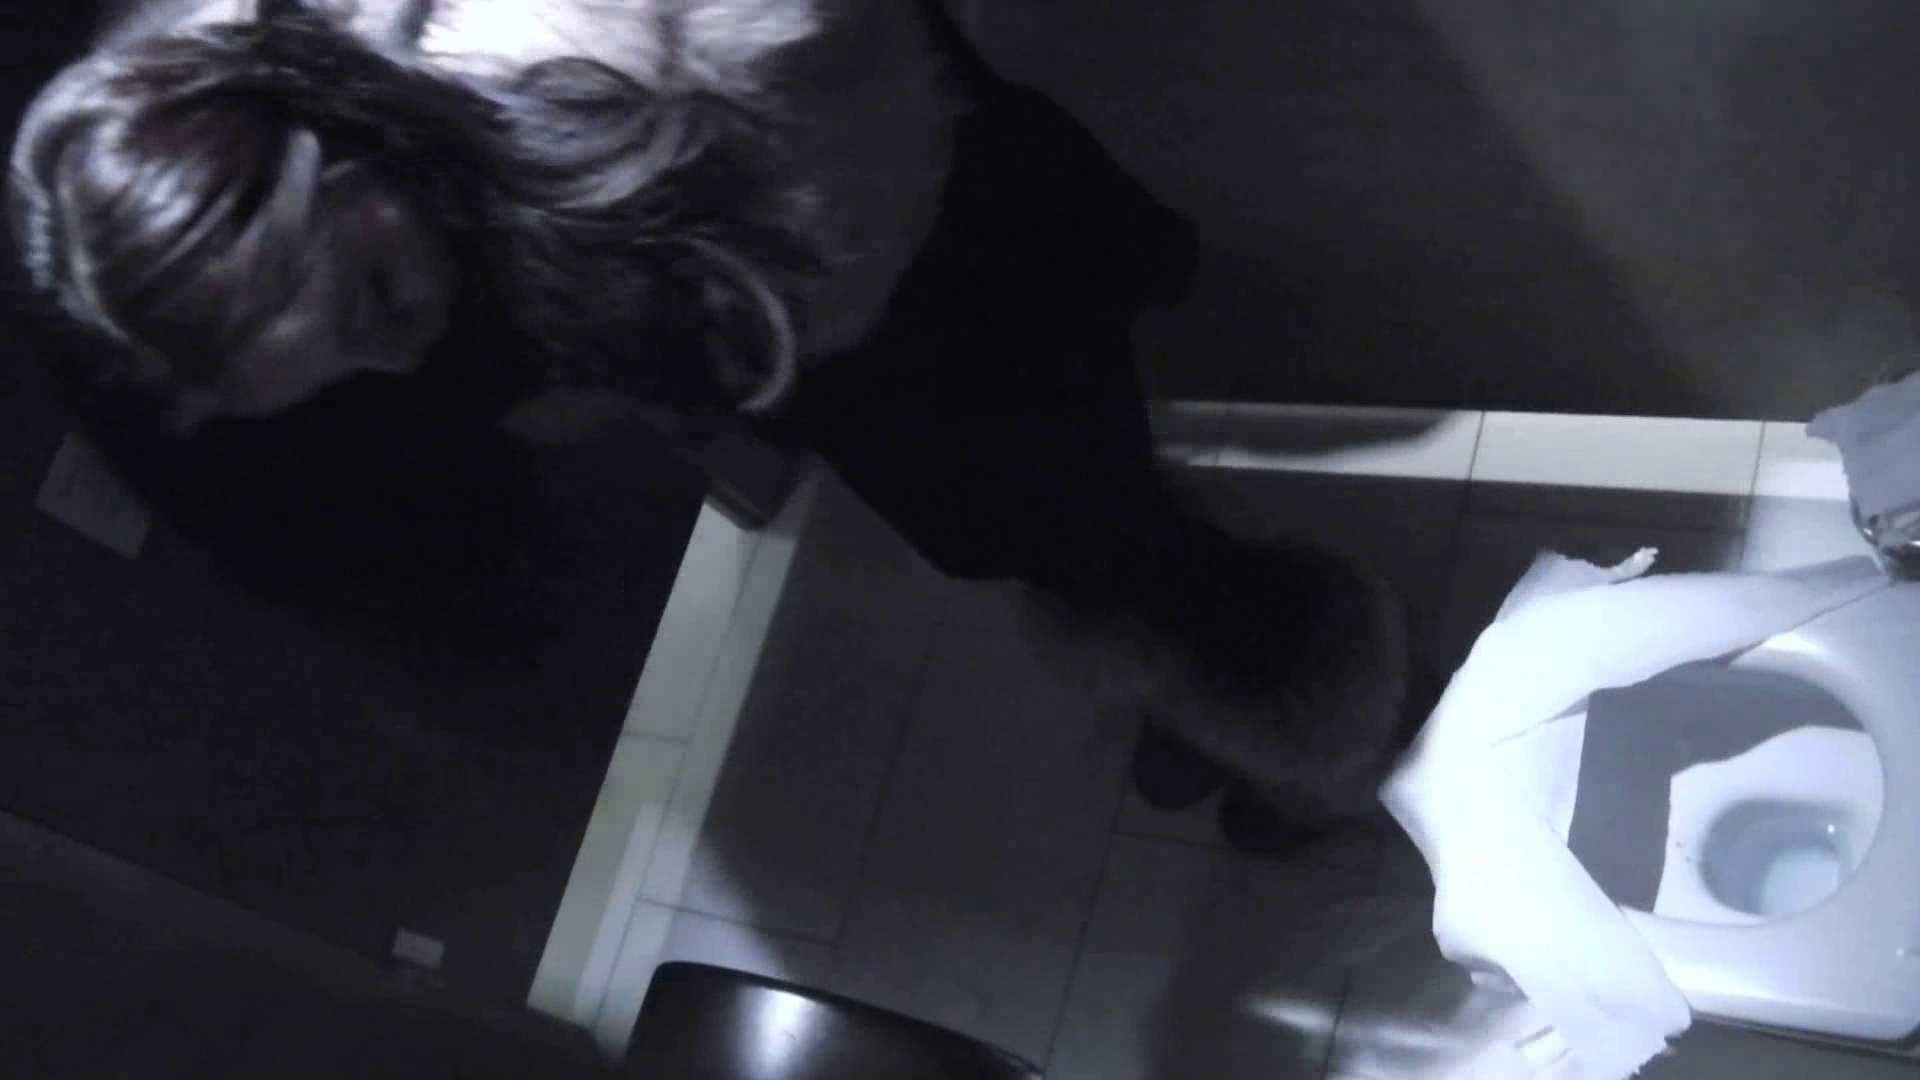 世界の射窓から vol.35 女厕偷拍, 美罗城 南宁国贸 洗面所のぞき オメコ動画キャプチャ 78枚 24